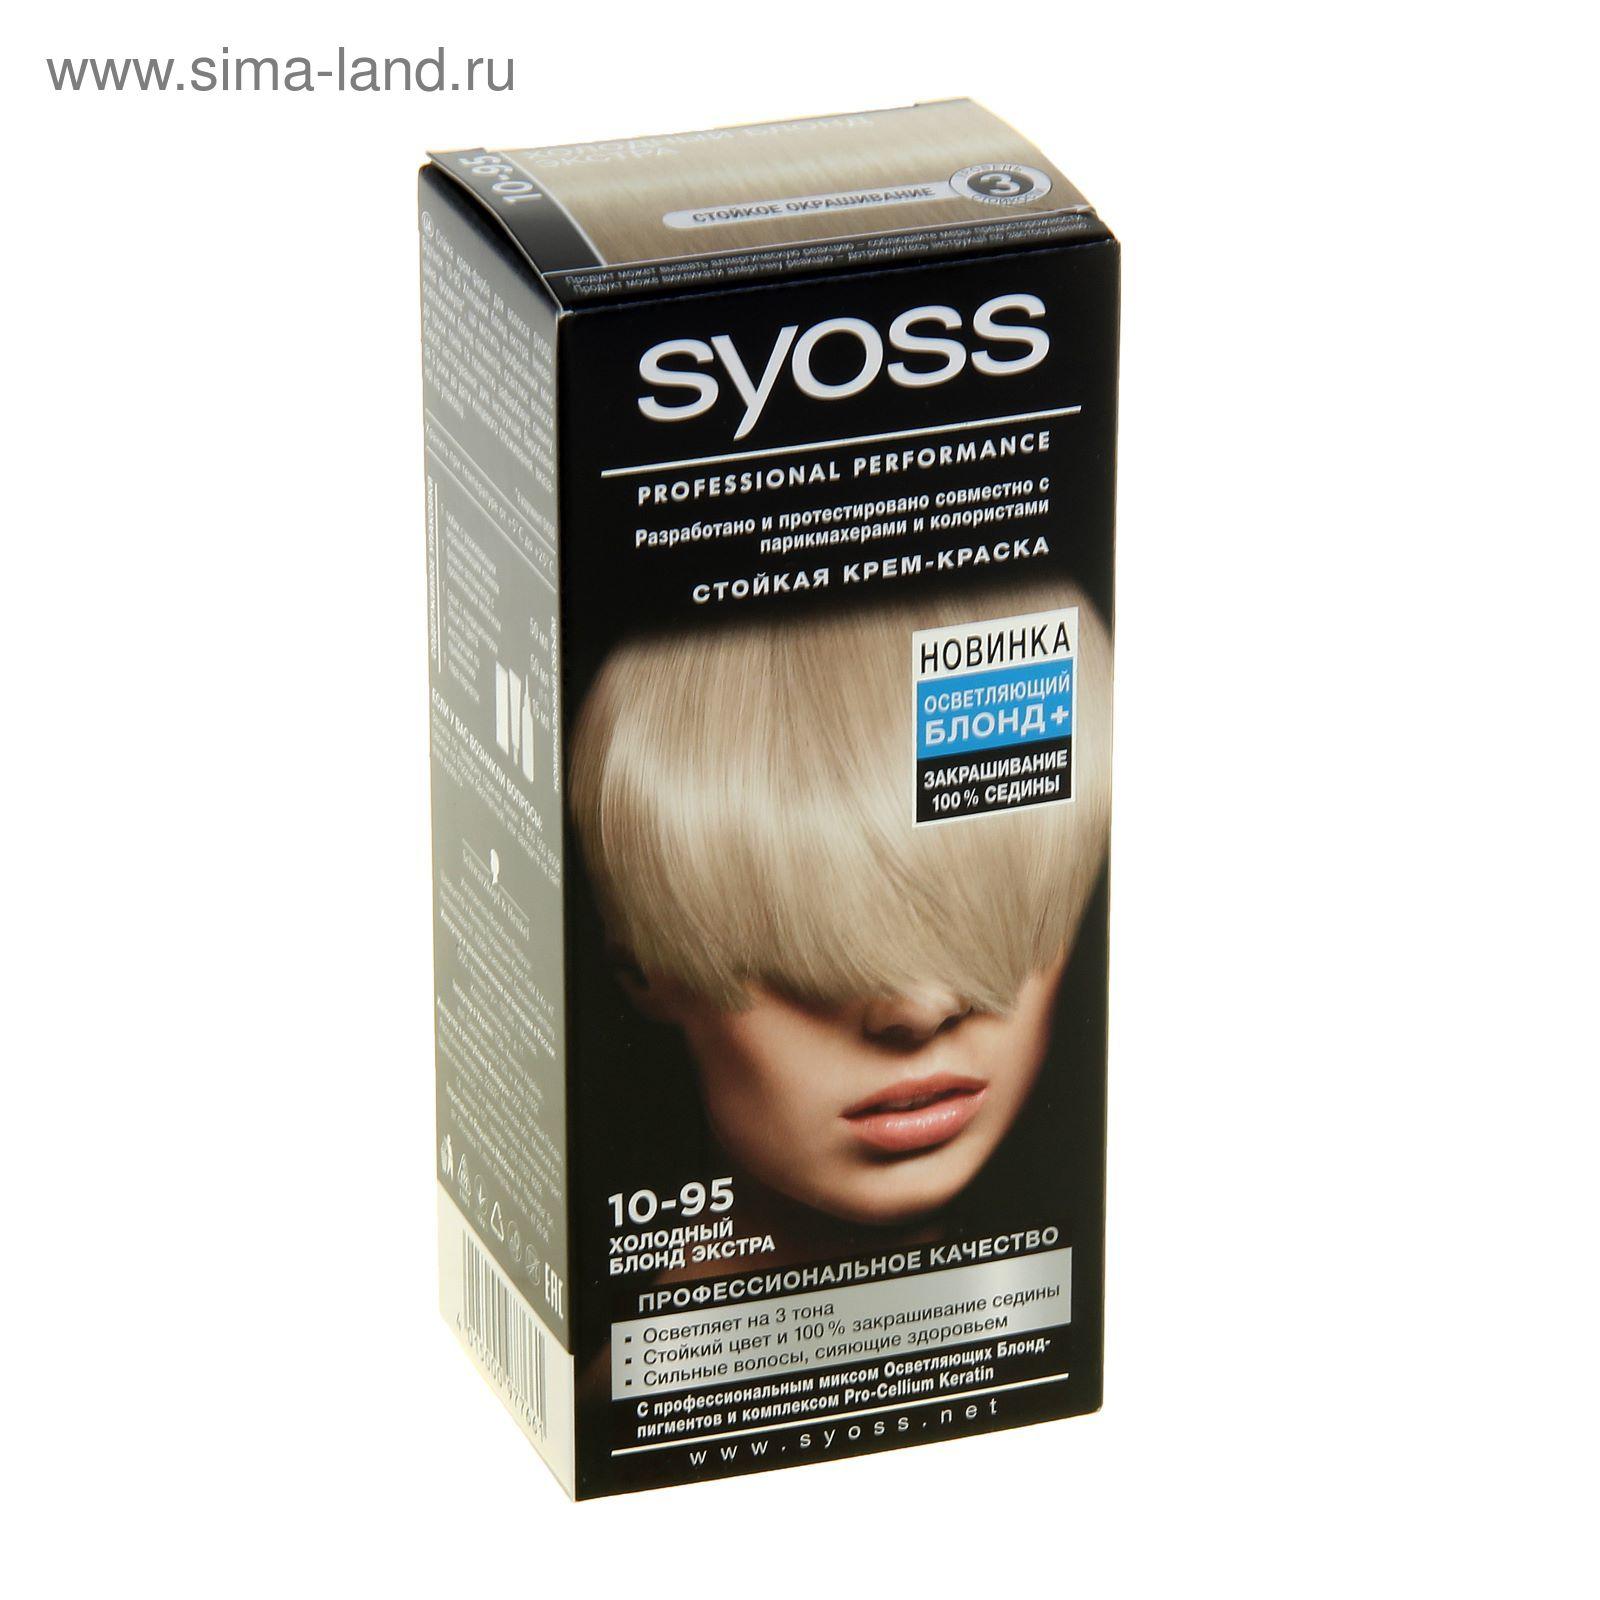 Холодный блонд цвет волос